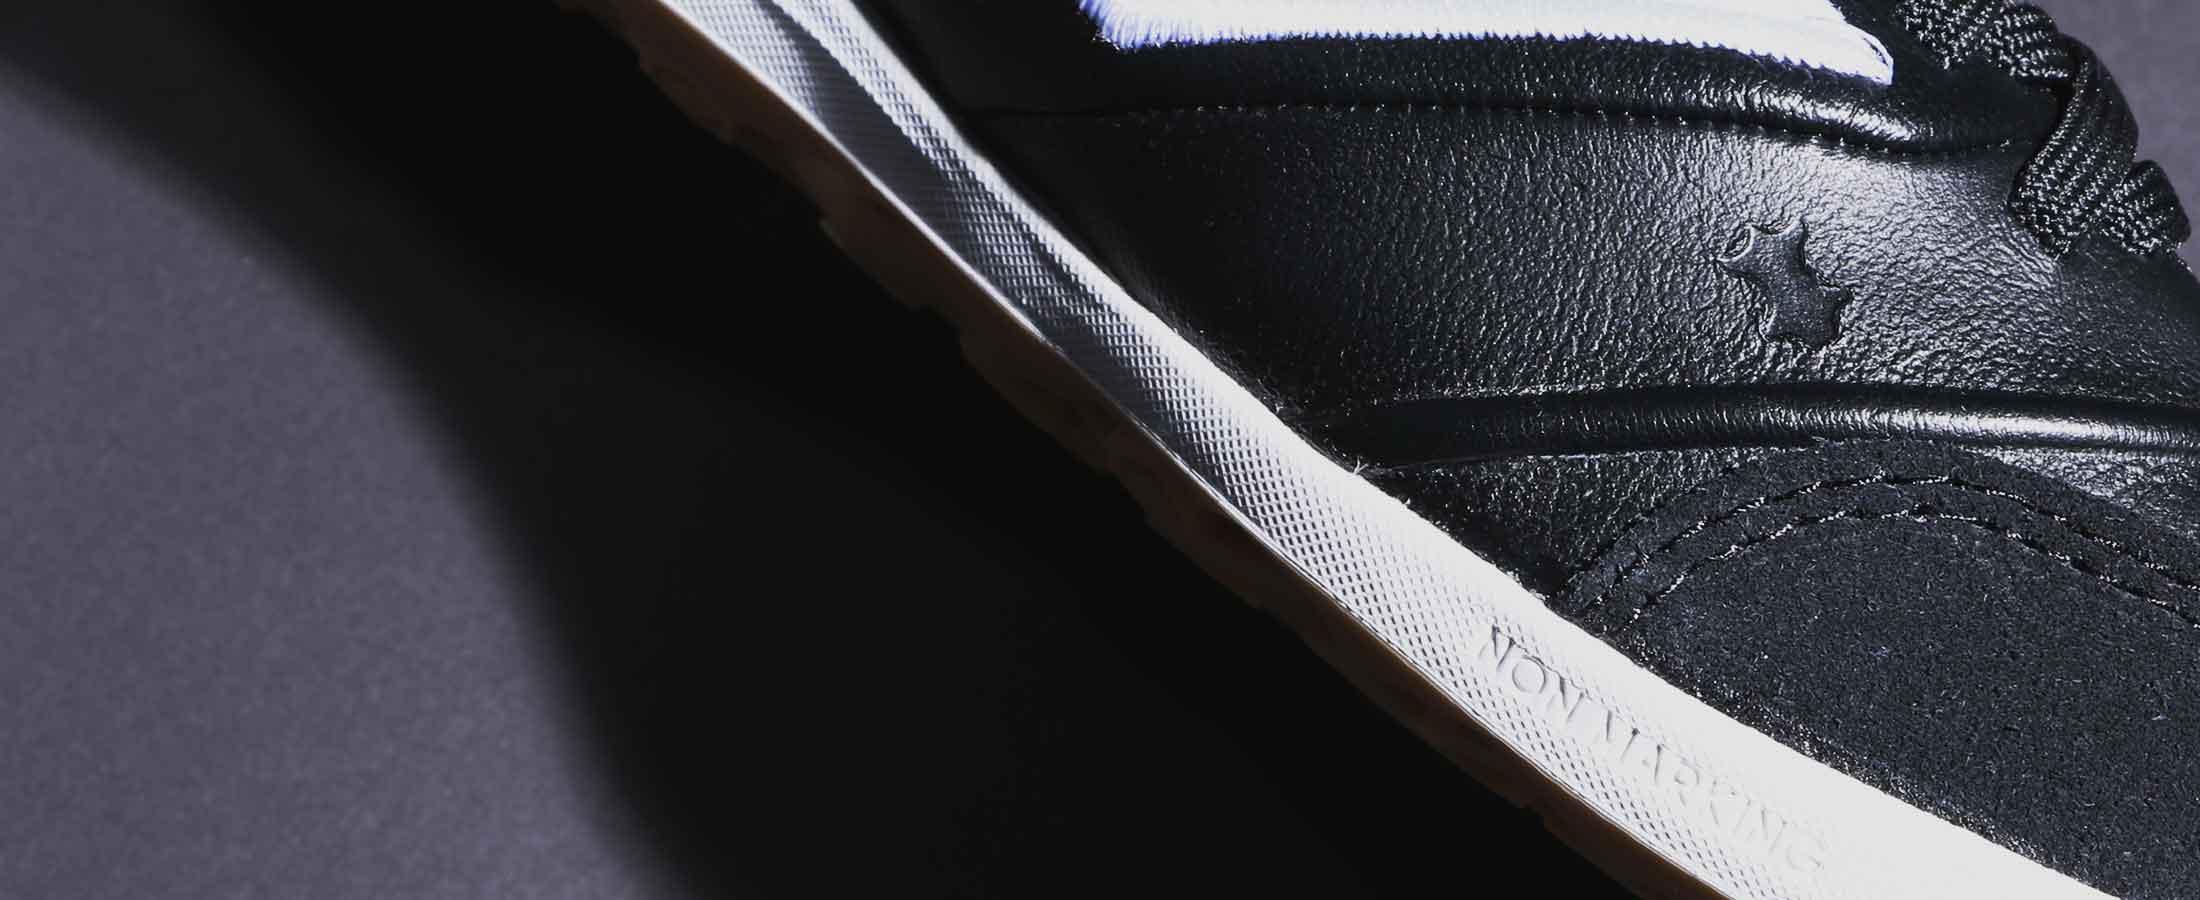 Primer plano de la marca que caracteriza que el material de la zapatilla de fútbol sala es de piel